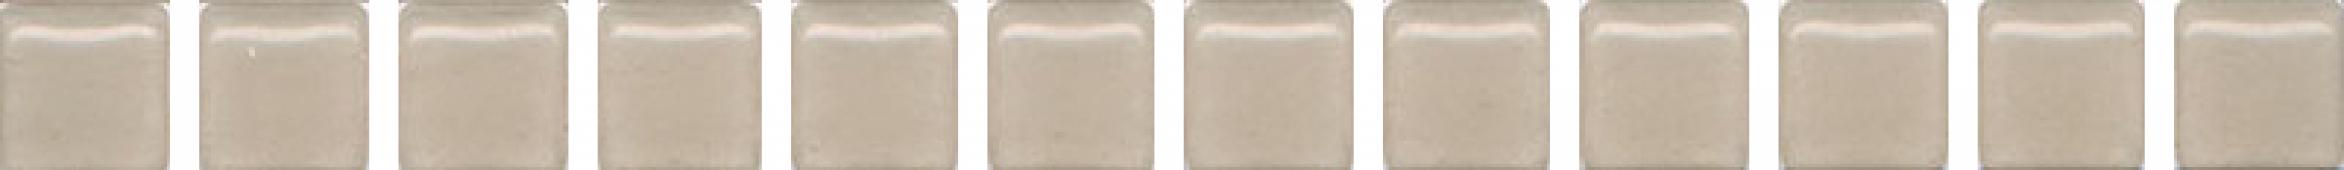 POF012 Карандаш Бисер бежевый 20*1.4 керамический бордюр